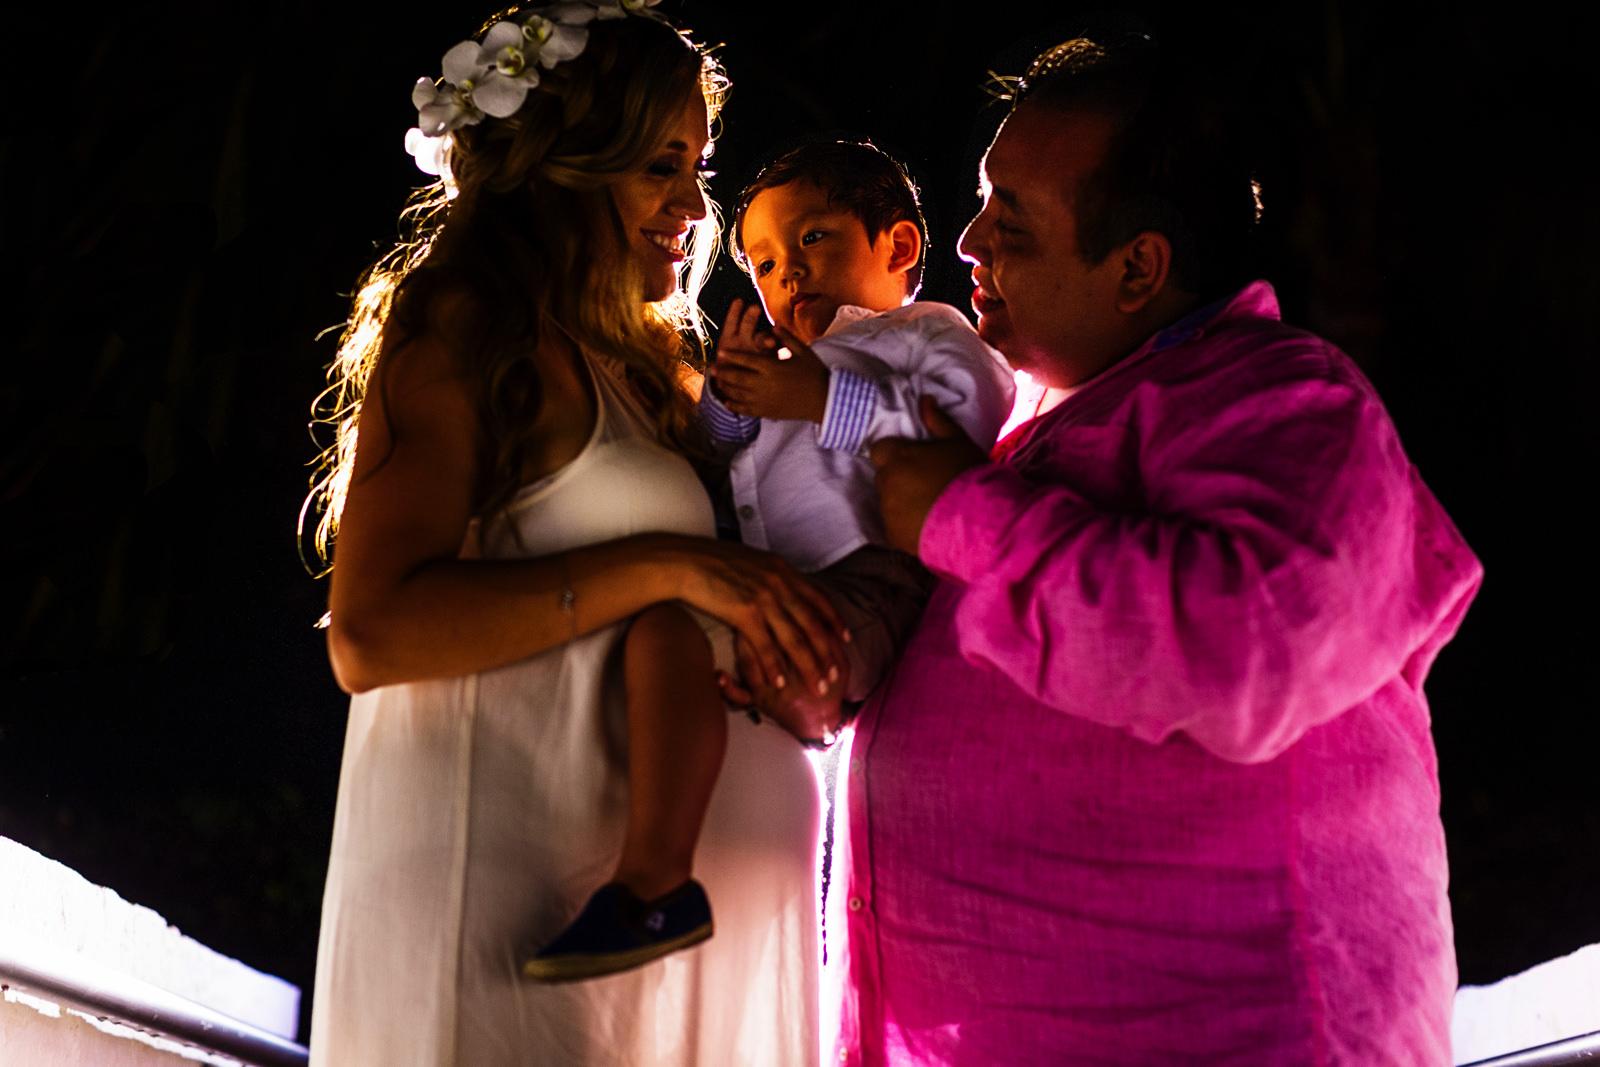 Retrato de novia, novio e hijo después de la cena en boda destino St Regis Punta Mita